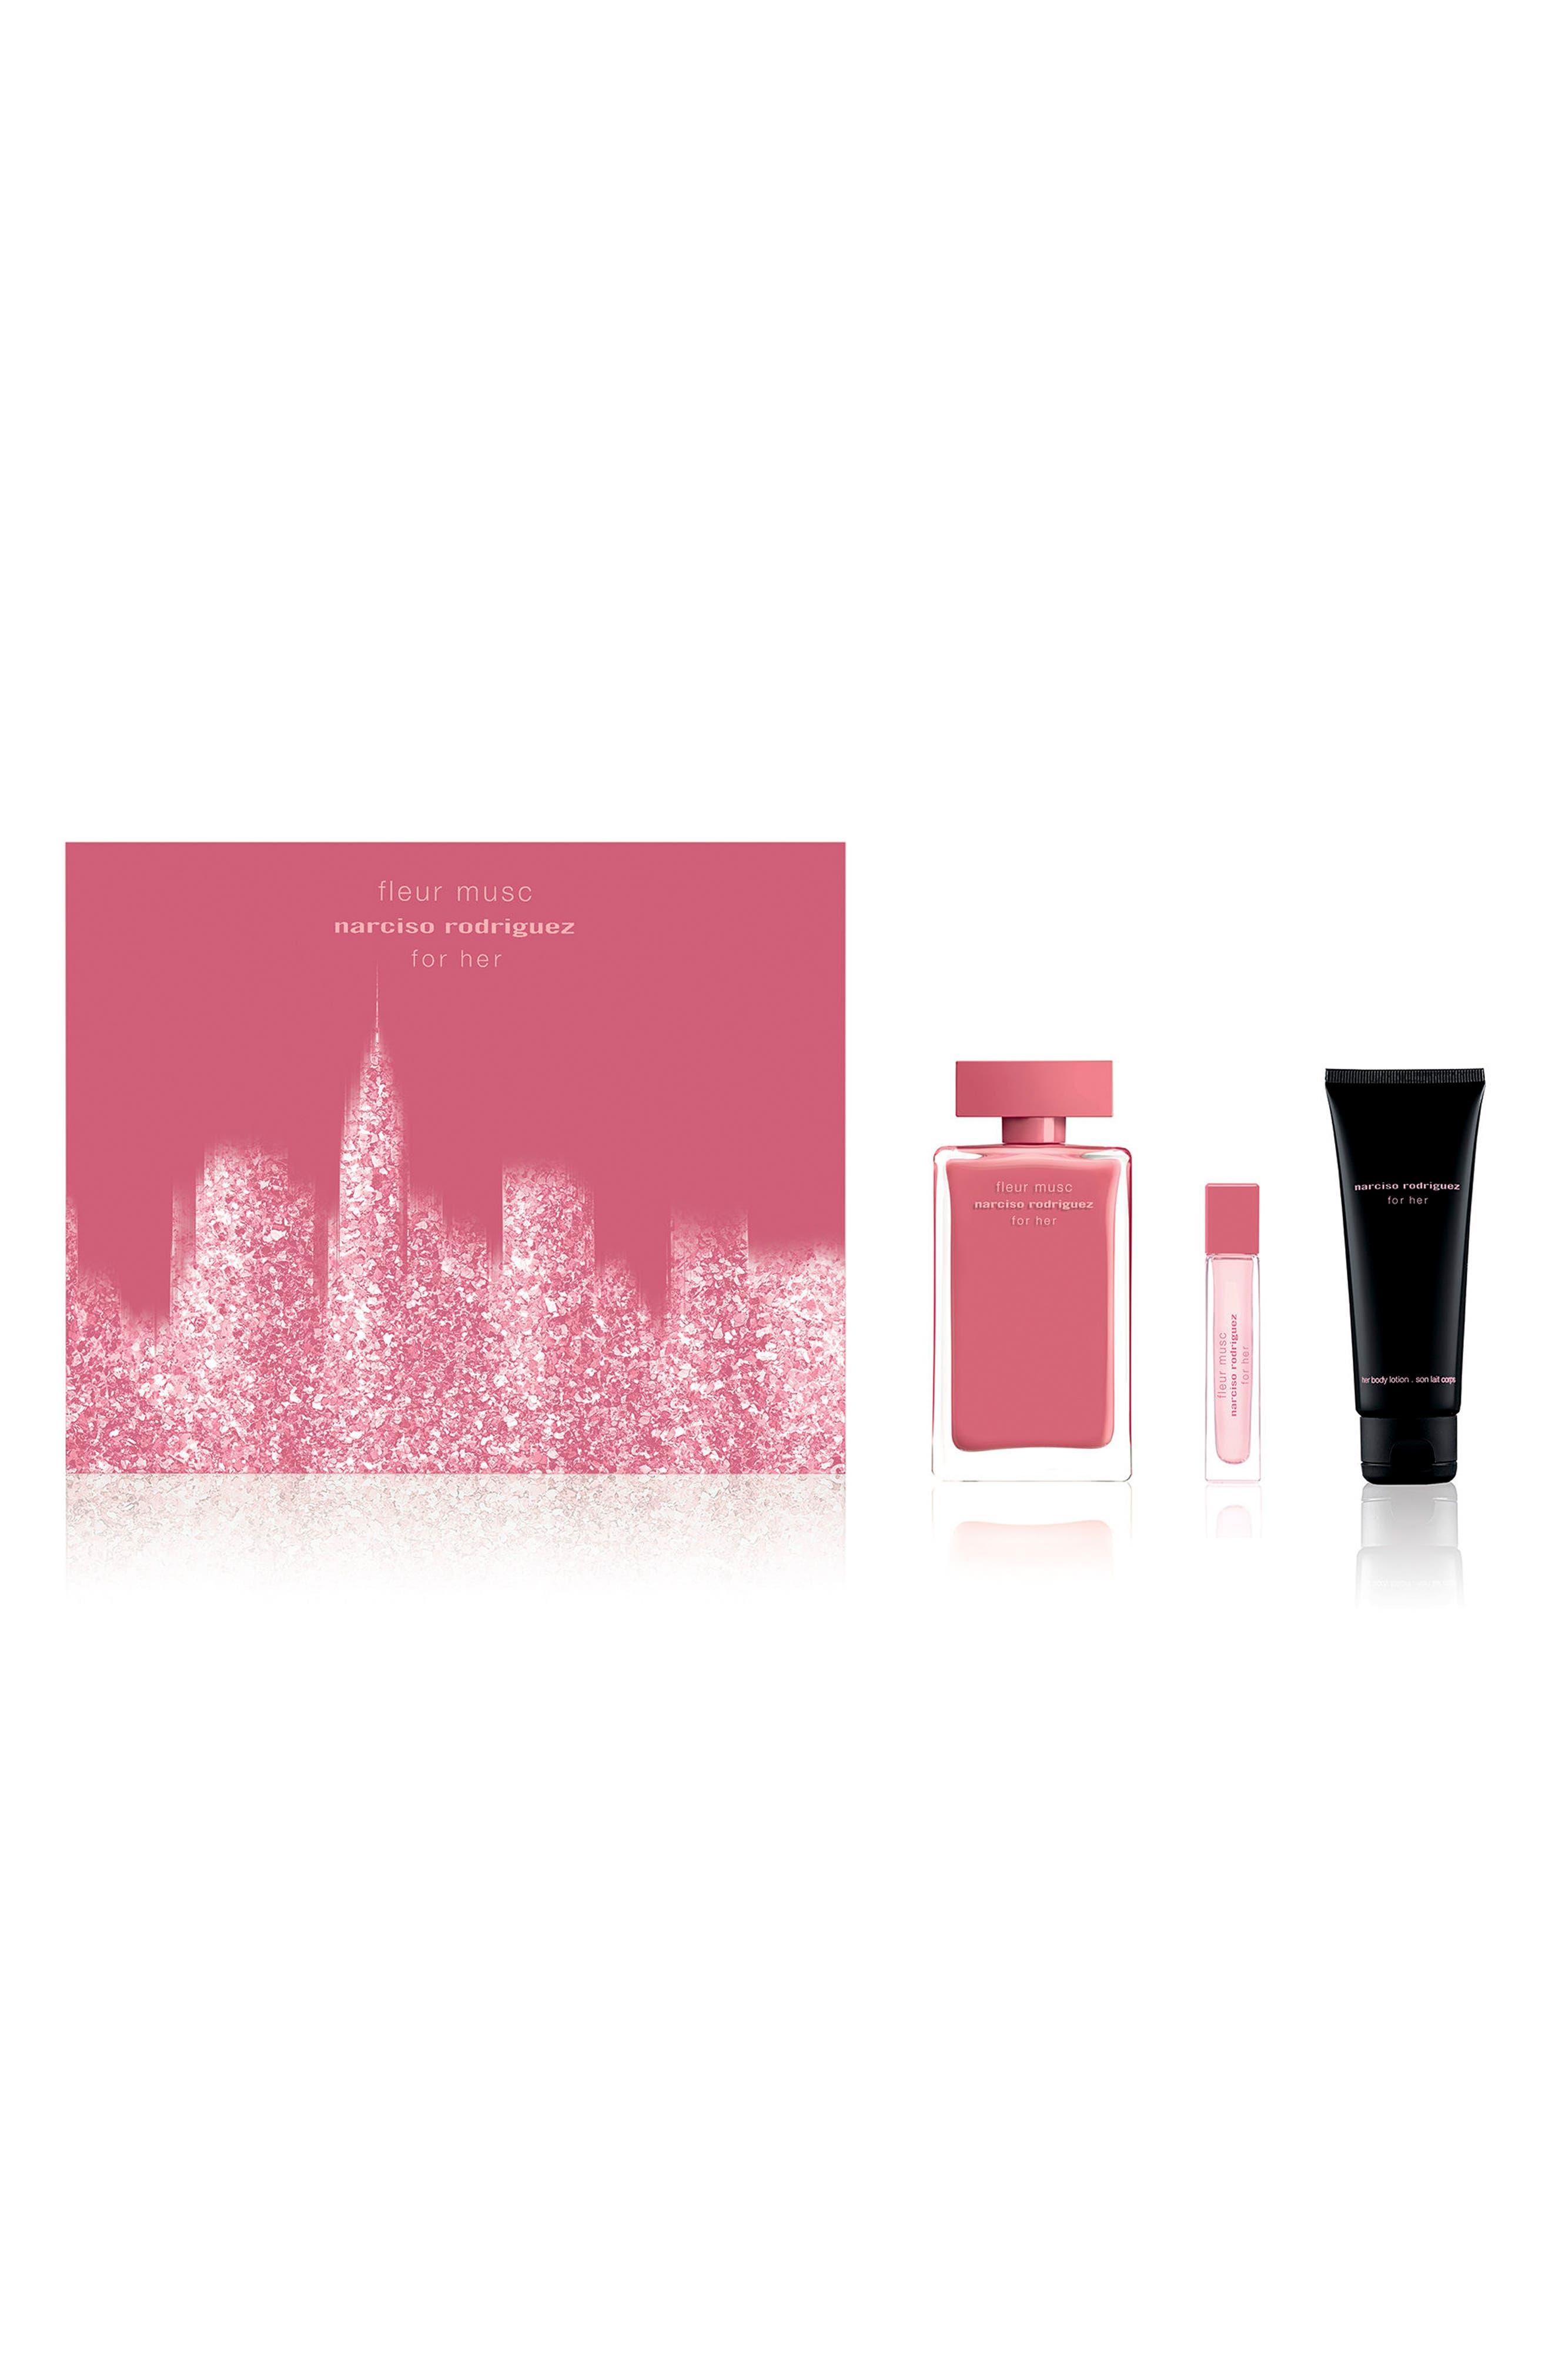 Alternate Image 1 Selected - Narciso Rodriguez For Her Fleur Musc Eau de Parfum Set ($170 Value)